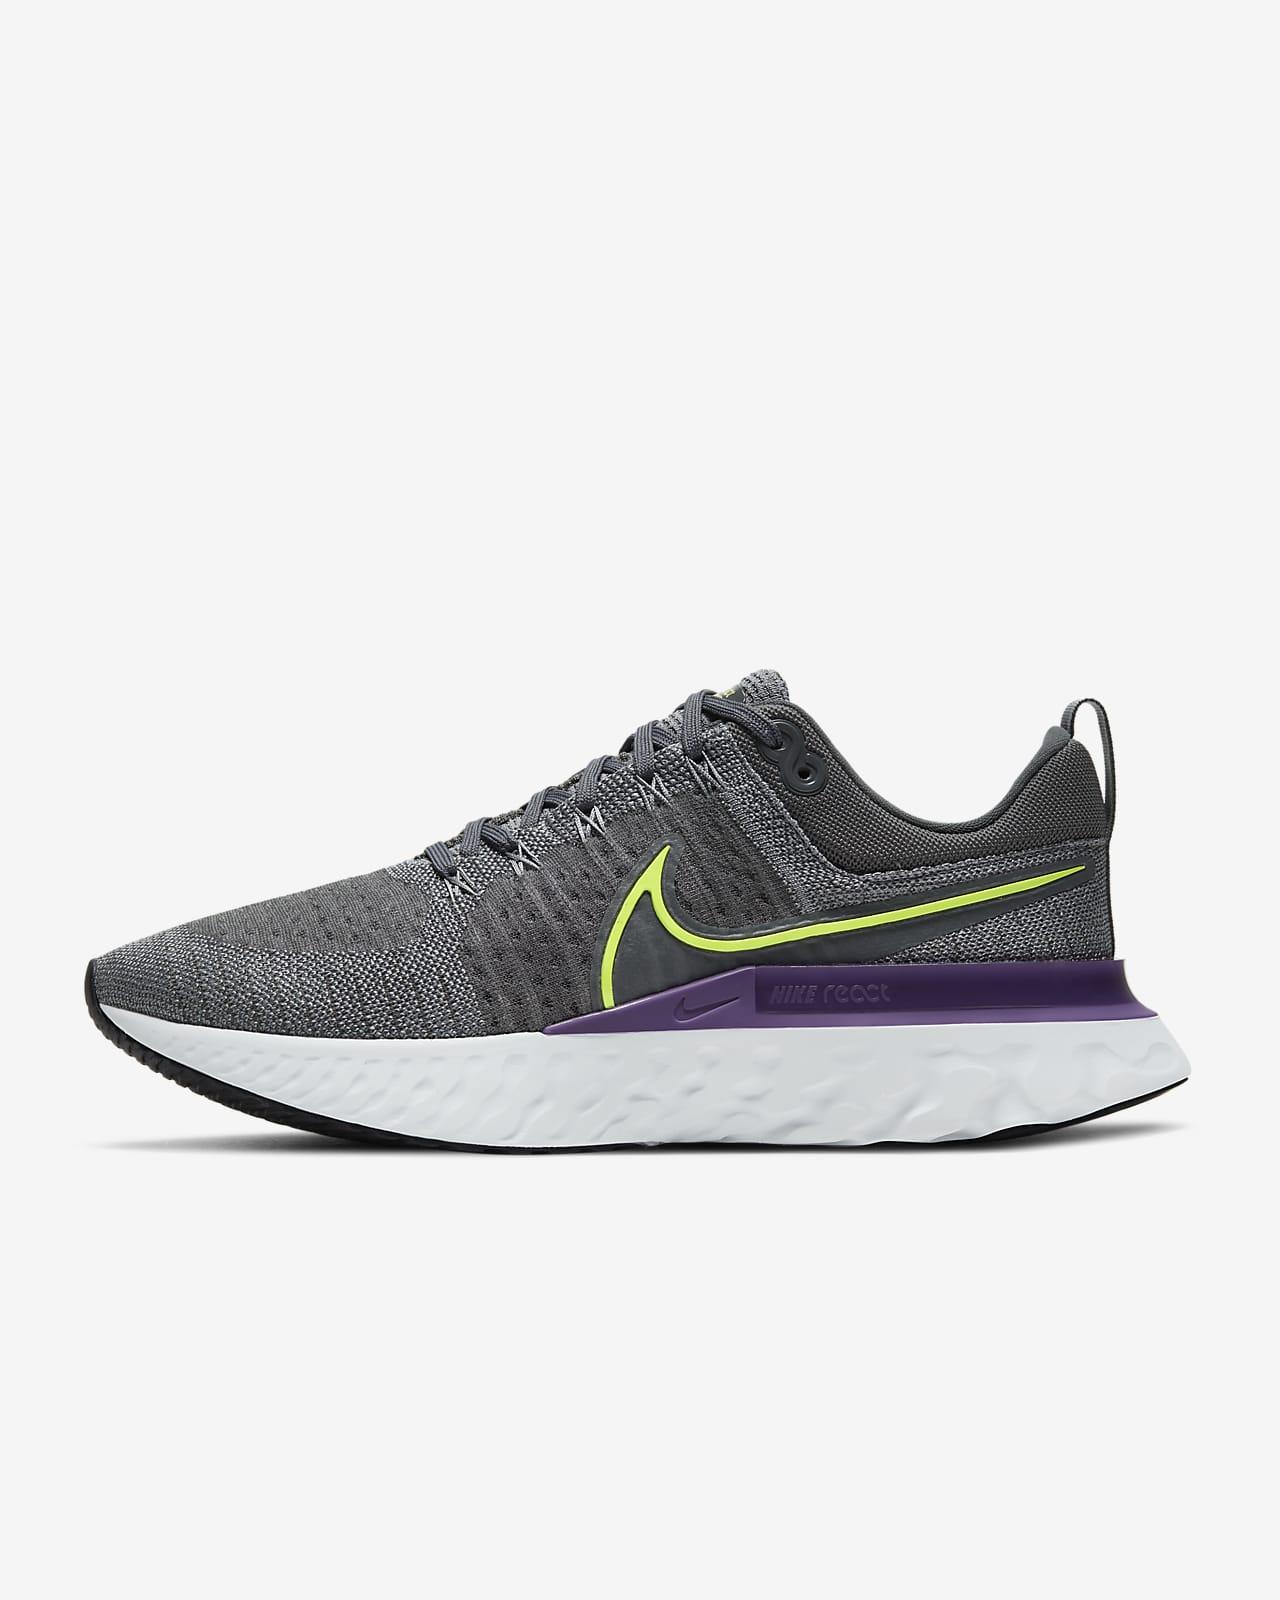 Nike React Infinity Run Flyknit 2 Erkek Koşu Ayakkabısı